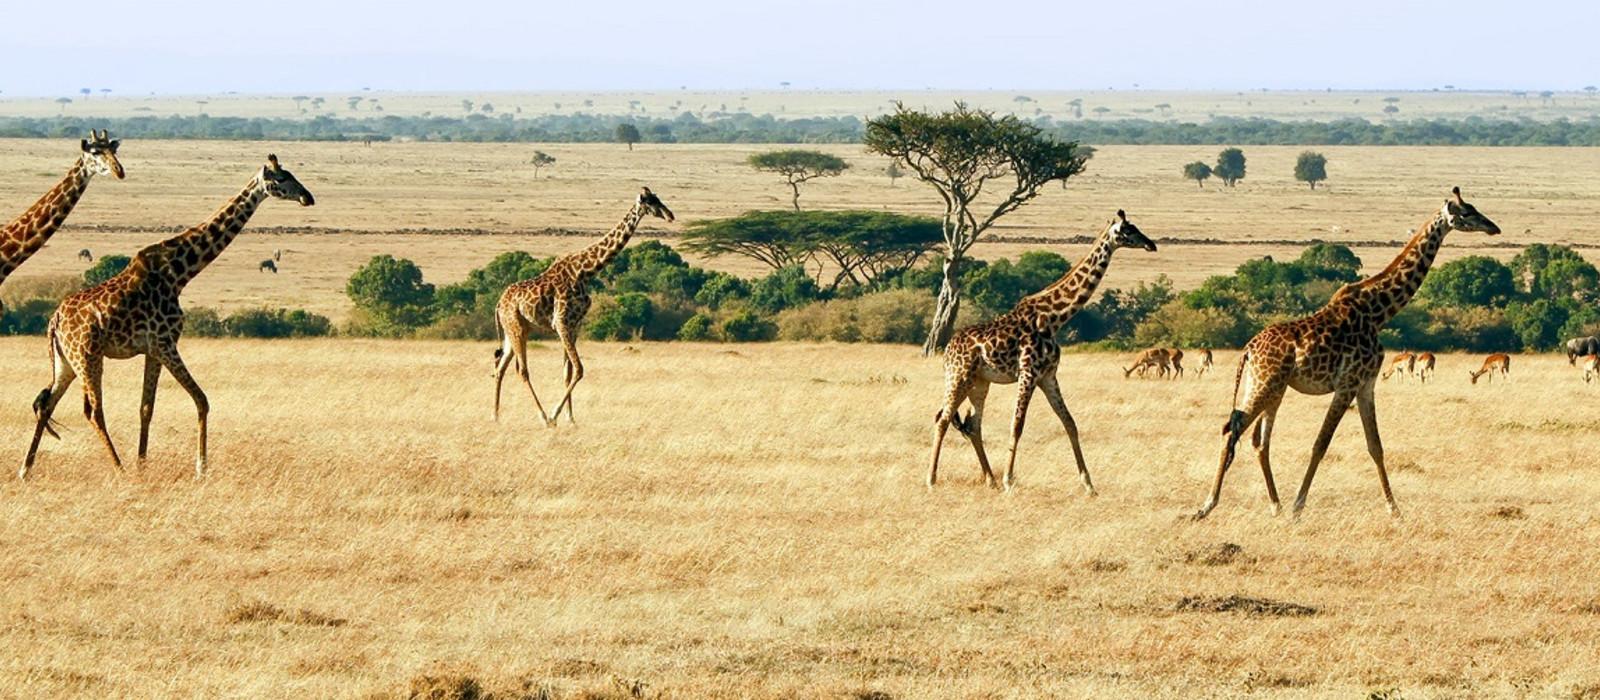 Wilde Giraffen in Afrika